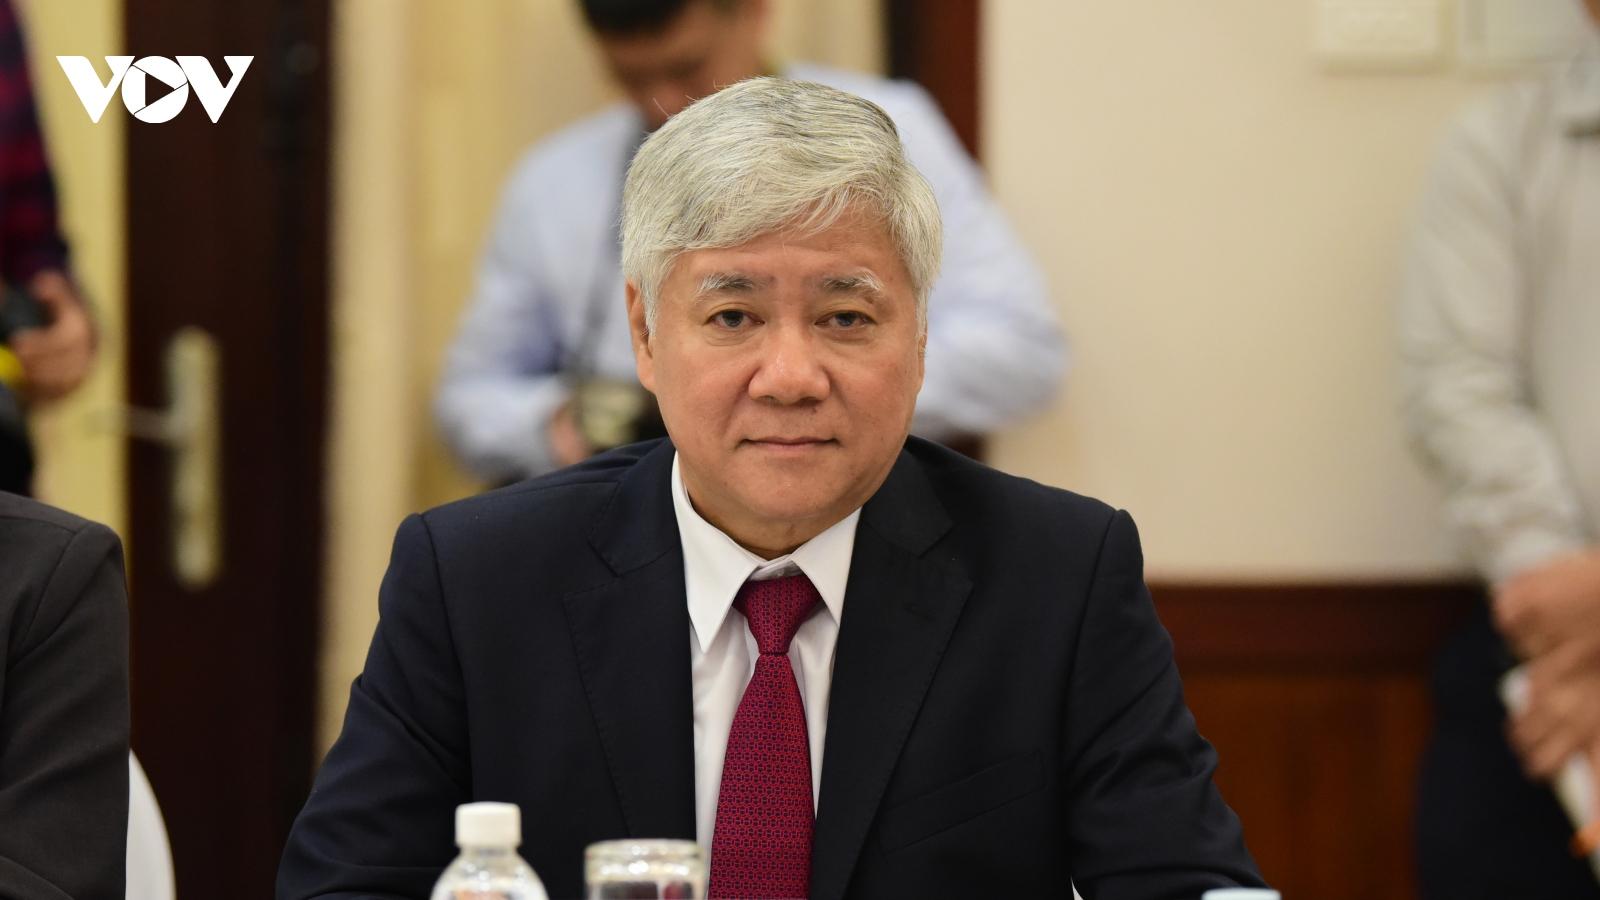 Bộ Chính trị giới thiệu ông Đỗ Văn Chiến giữ chức Chủ tịch UBTƯ MTTQ Việt Nam